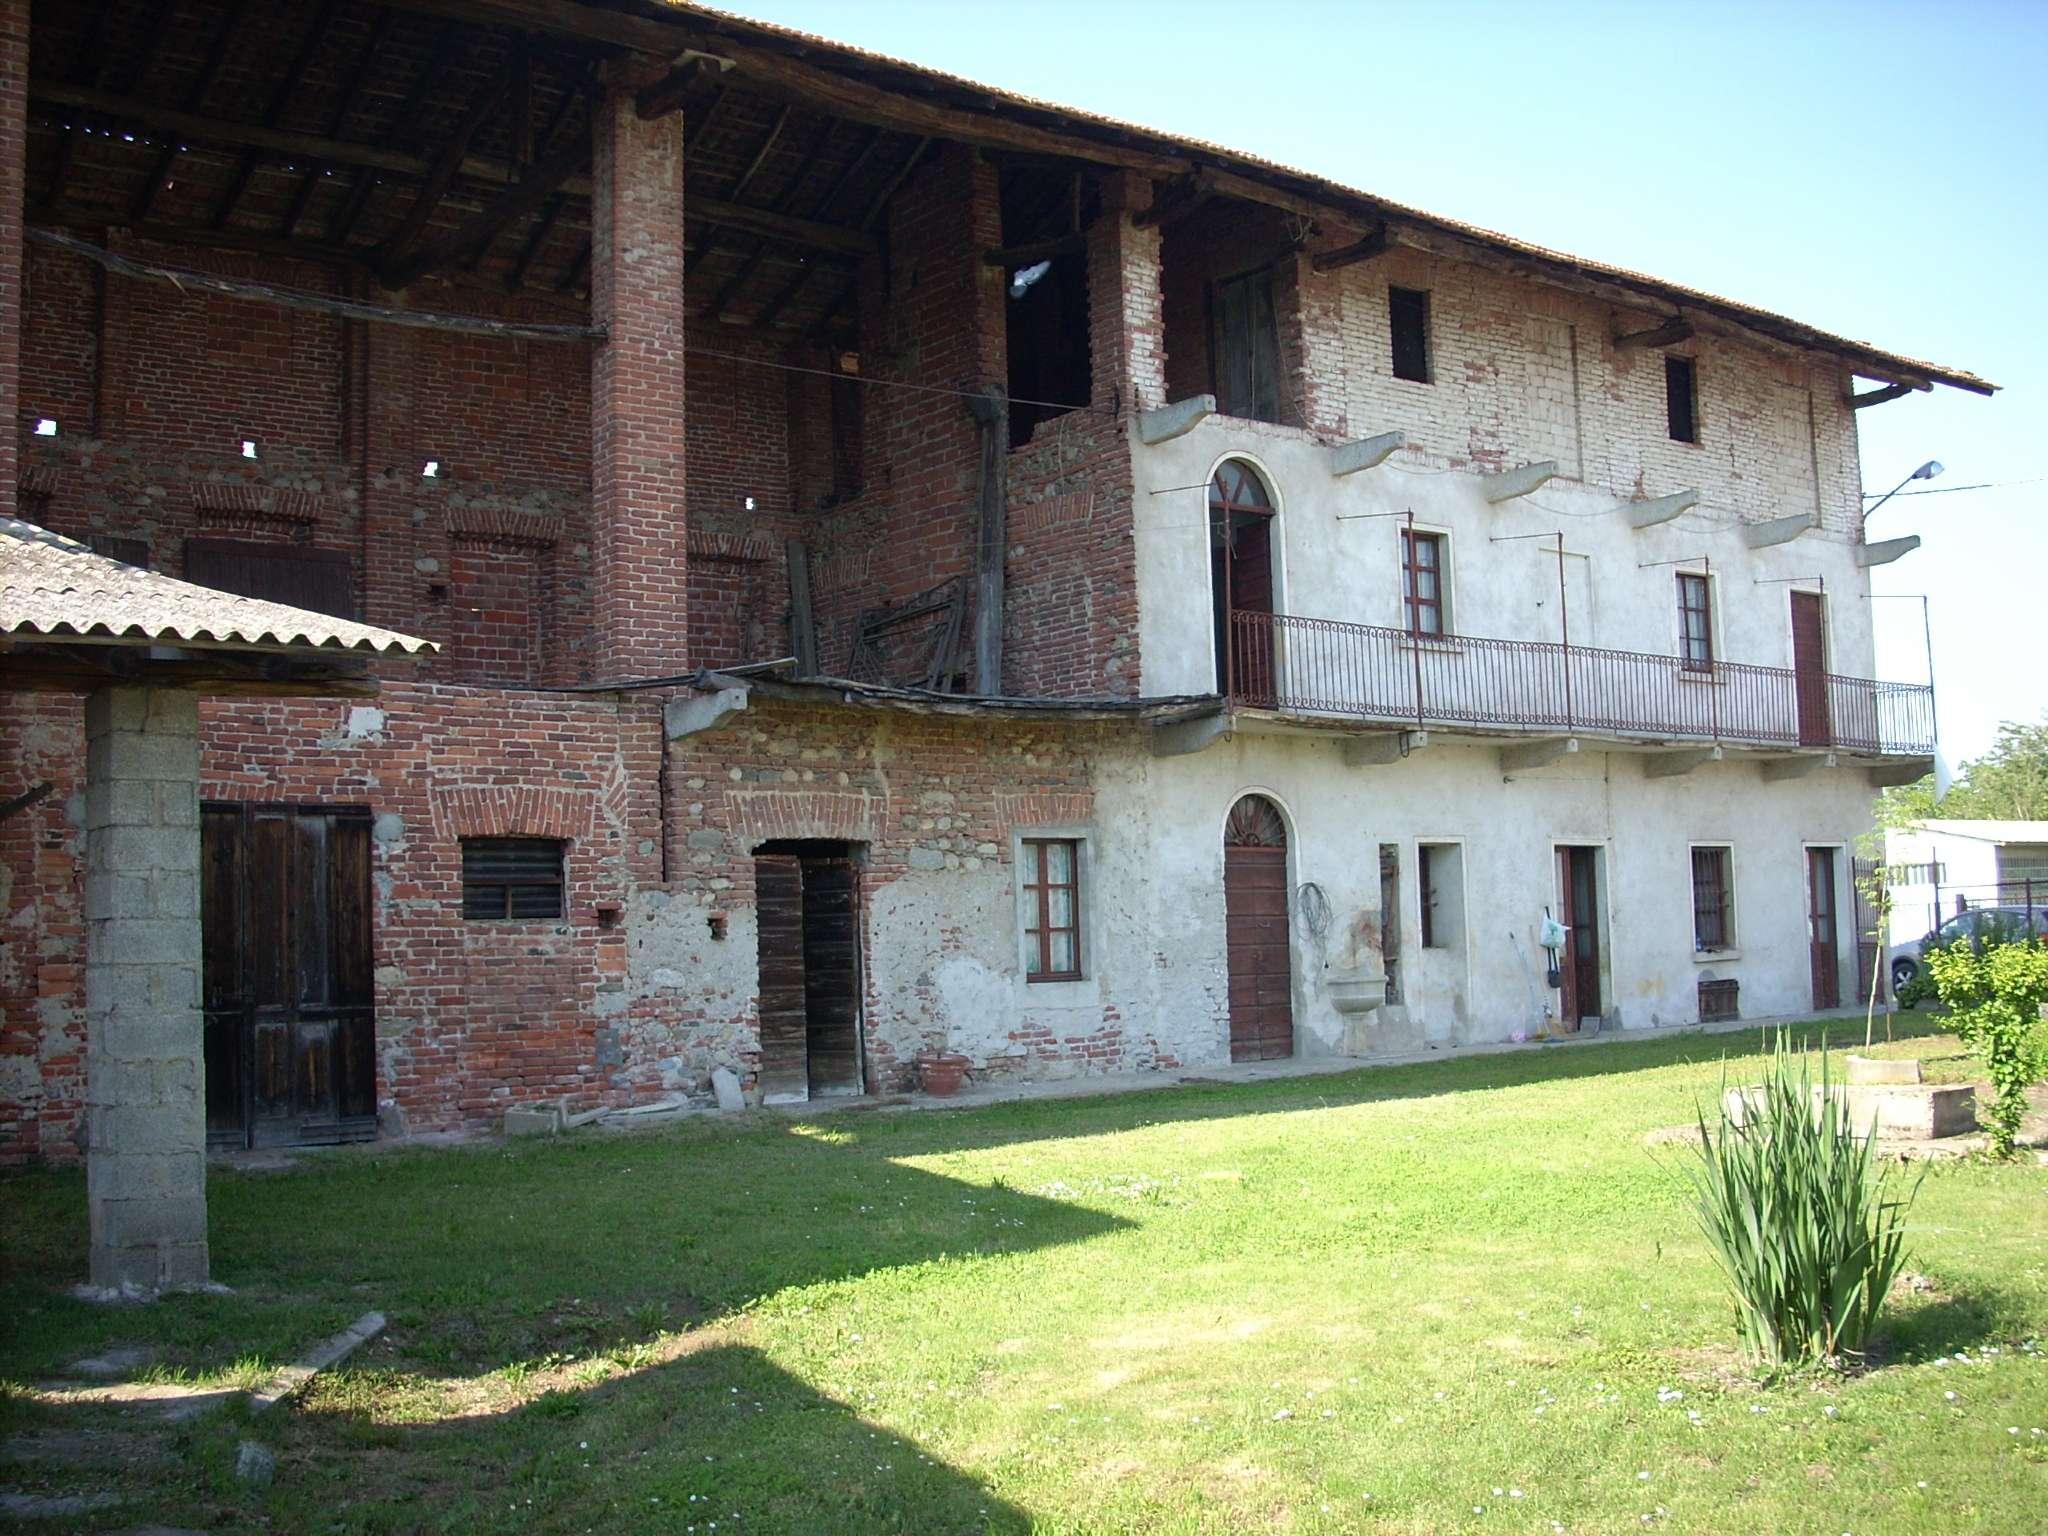 Rustico / Casale in vendita a Cavaglio d'Agogna, 5 locali, prezzo € 119.000   CambioCasa.it